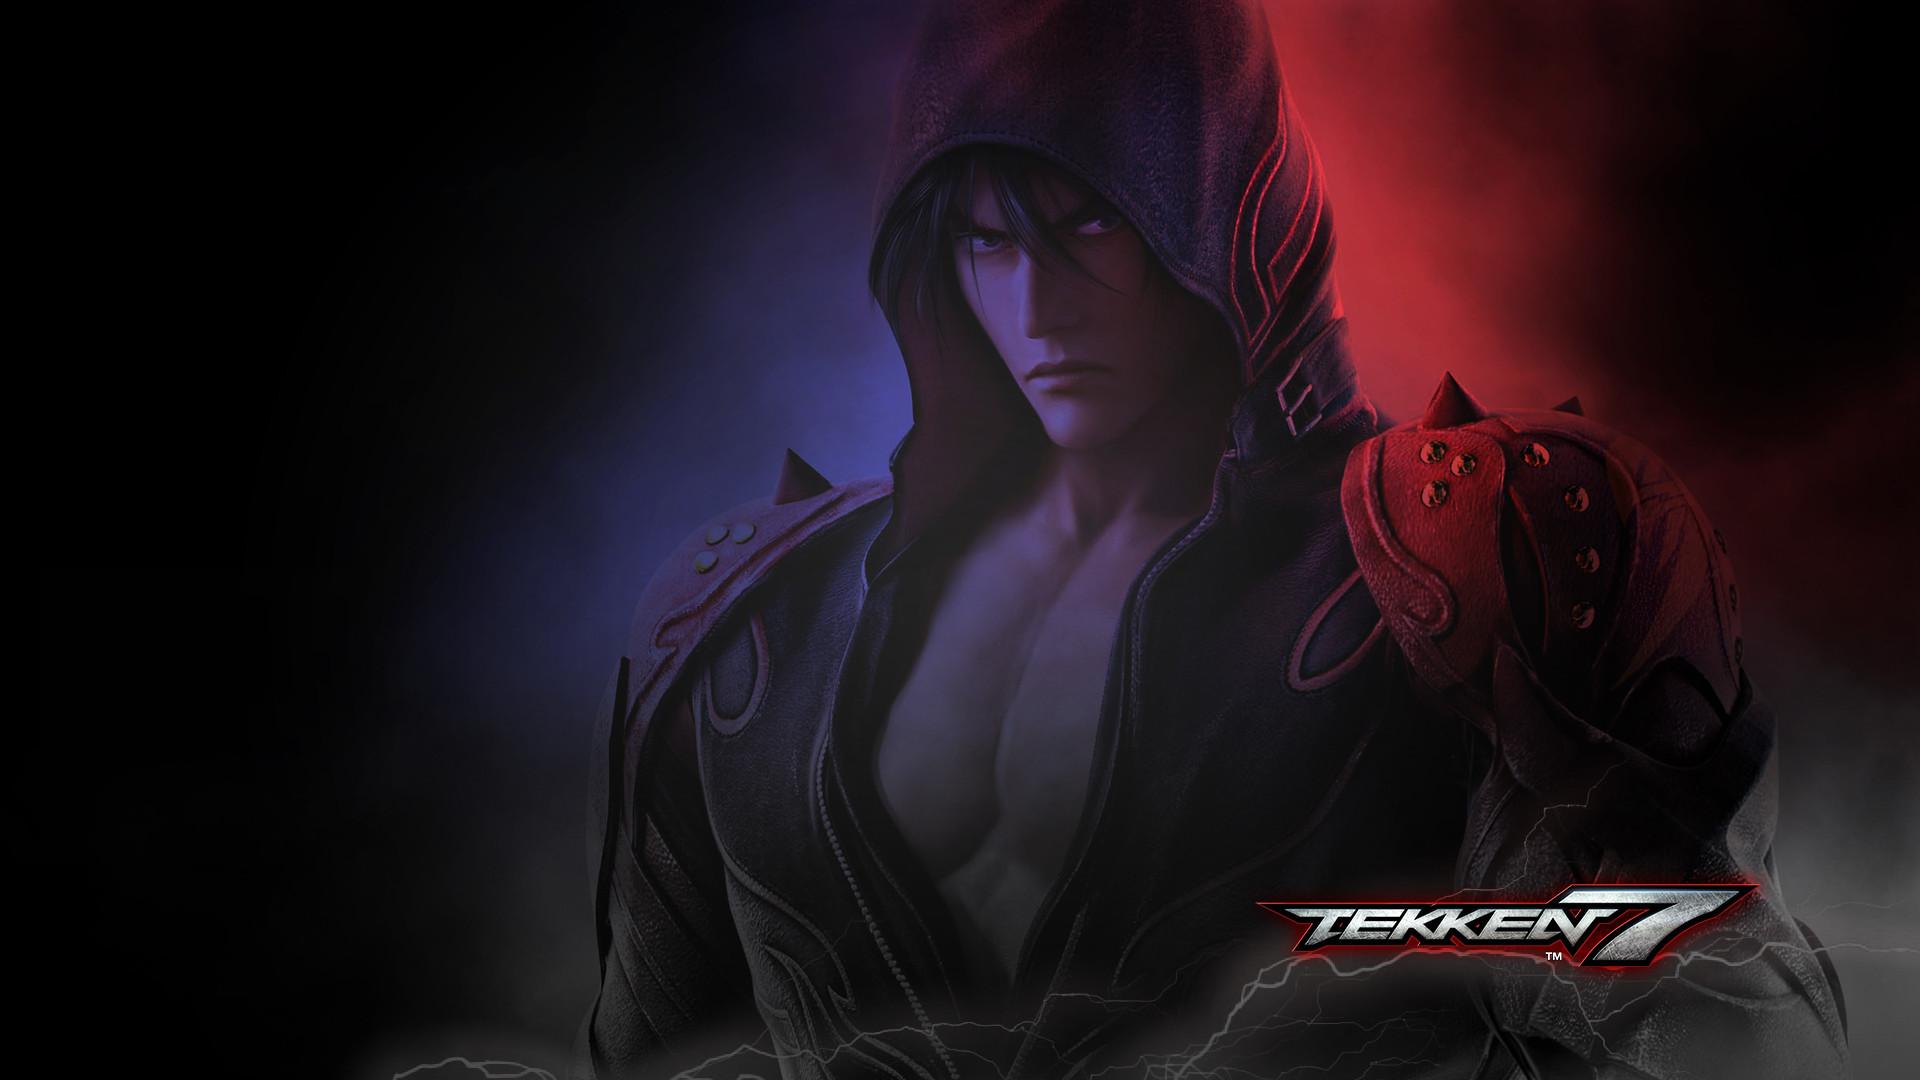 Tekken 7 Hd Wallpapers Posted By Zoey Walker